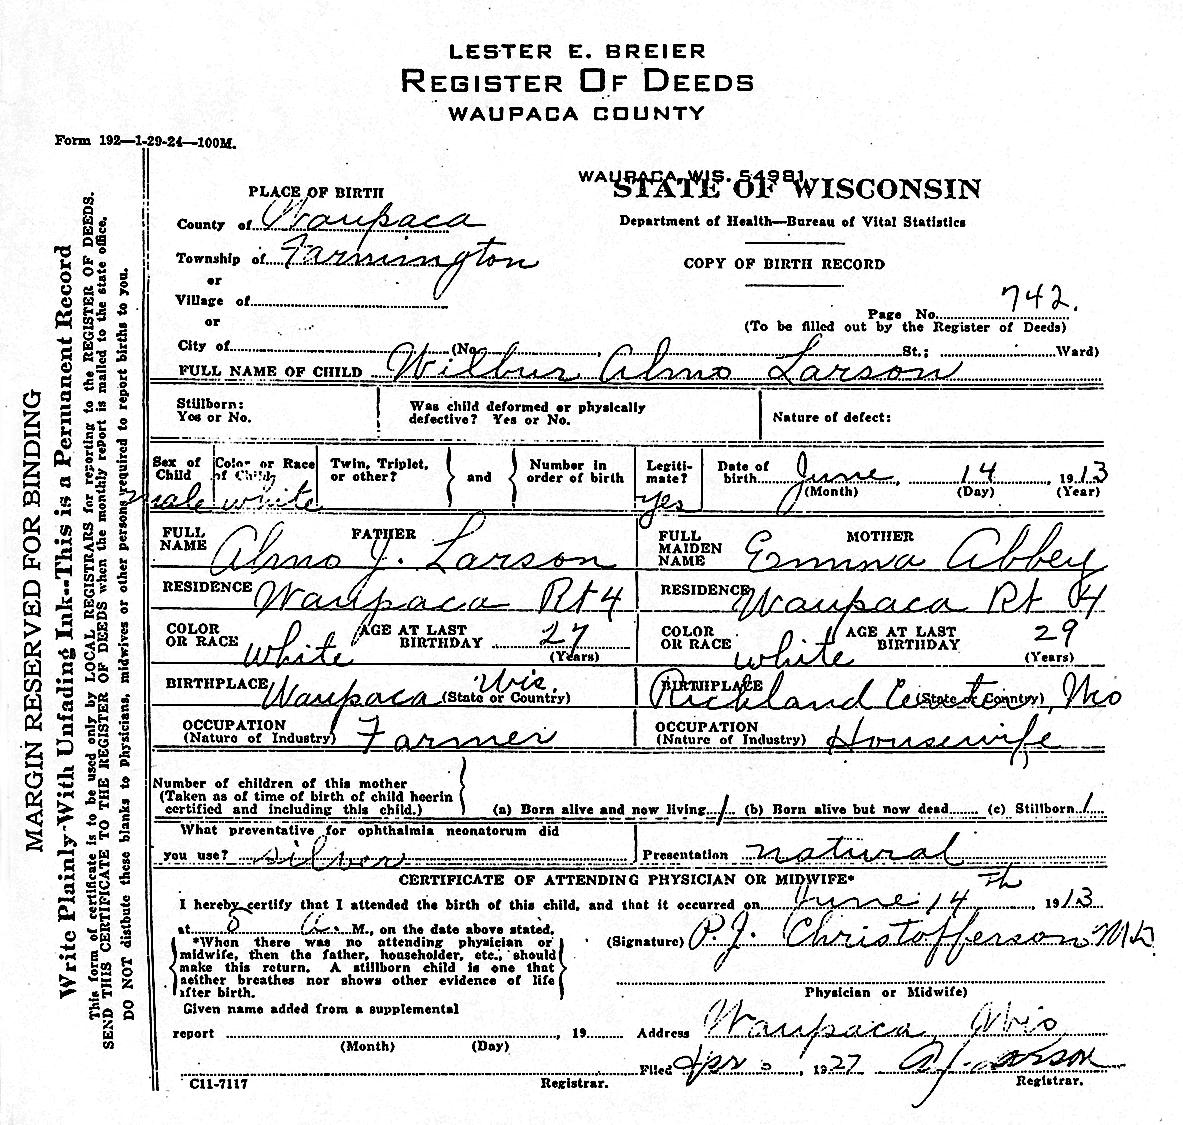 Wilbur almo larson wilbur almo bill larson birth certificate 1betcityfo Gallery